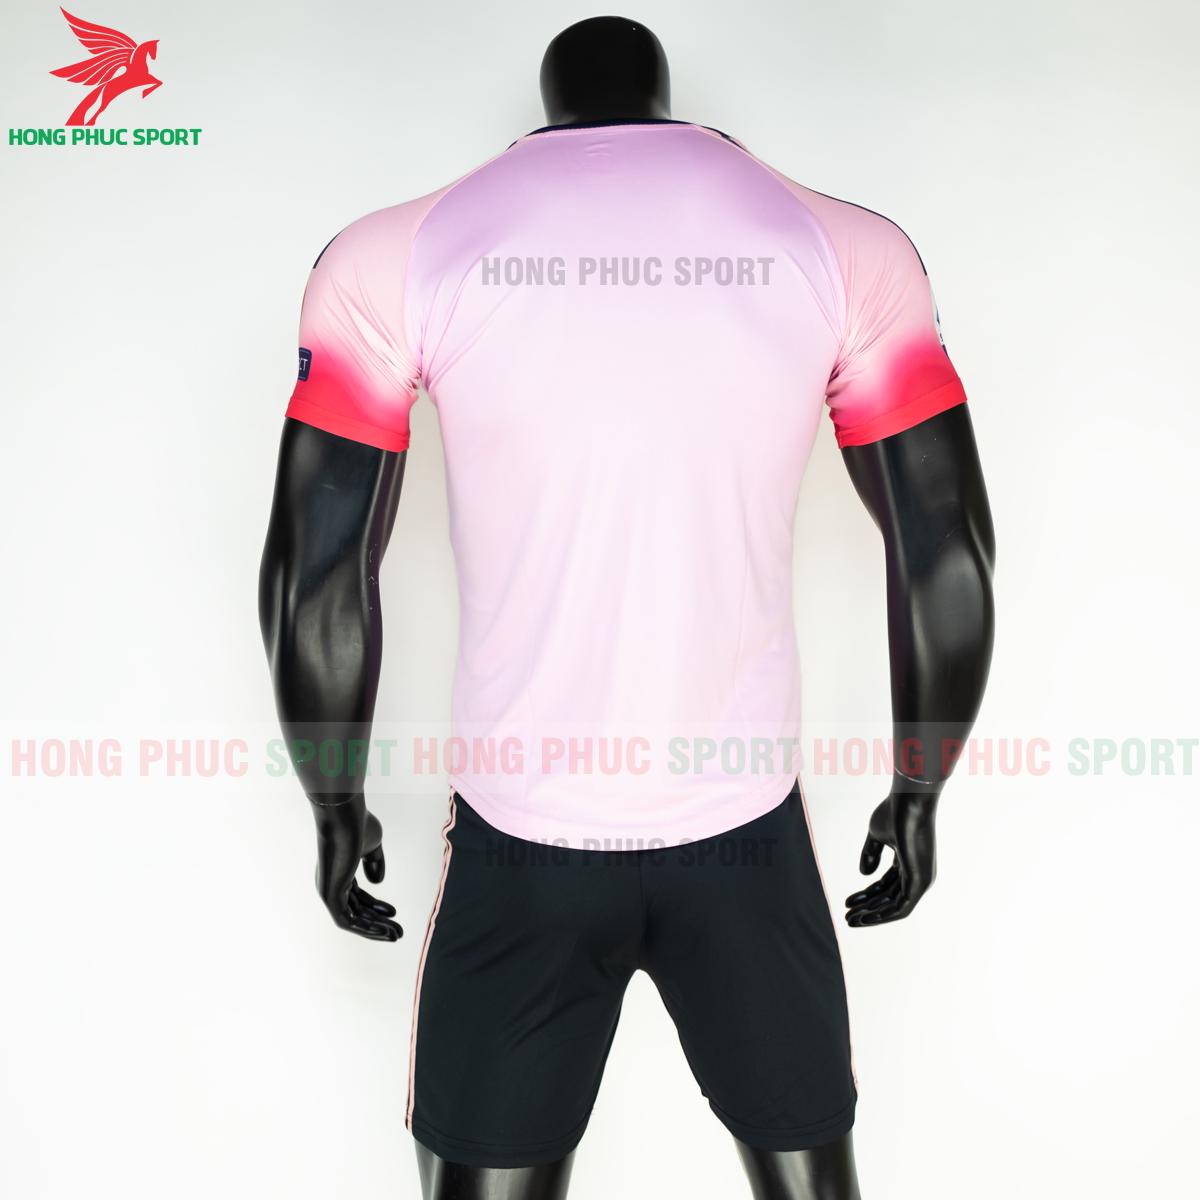 https://cdn.hongphucsport.com/unsafe/s4.shopbay.vn/files/285/ao-da-bong-san-khach-juventus-2015-2016-8-5fe1c4d3229cb.png